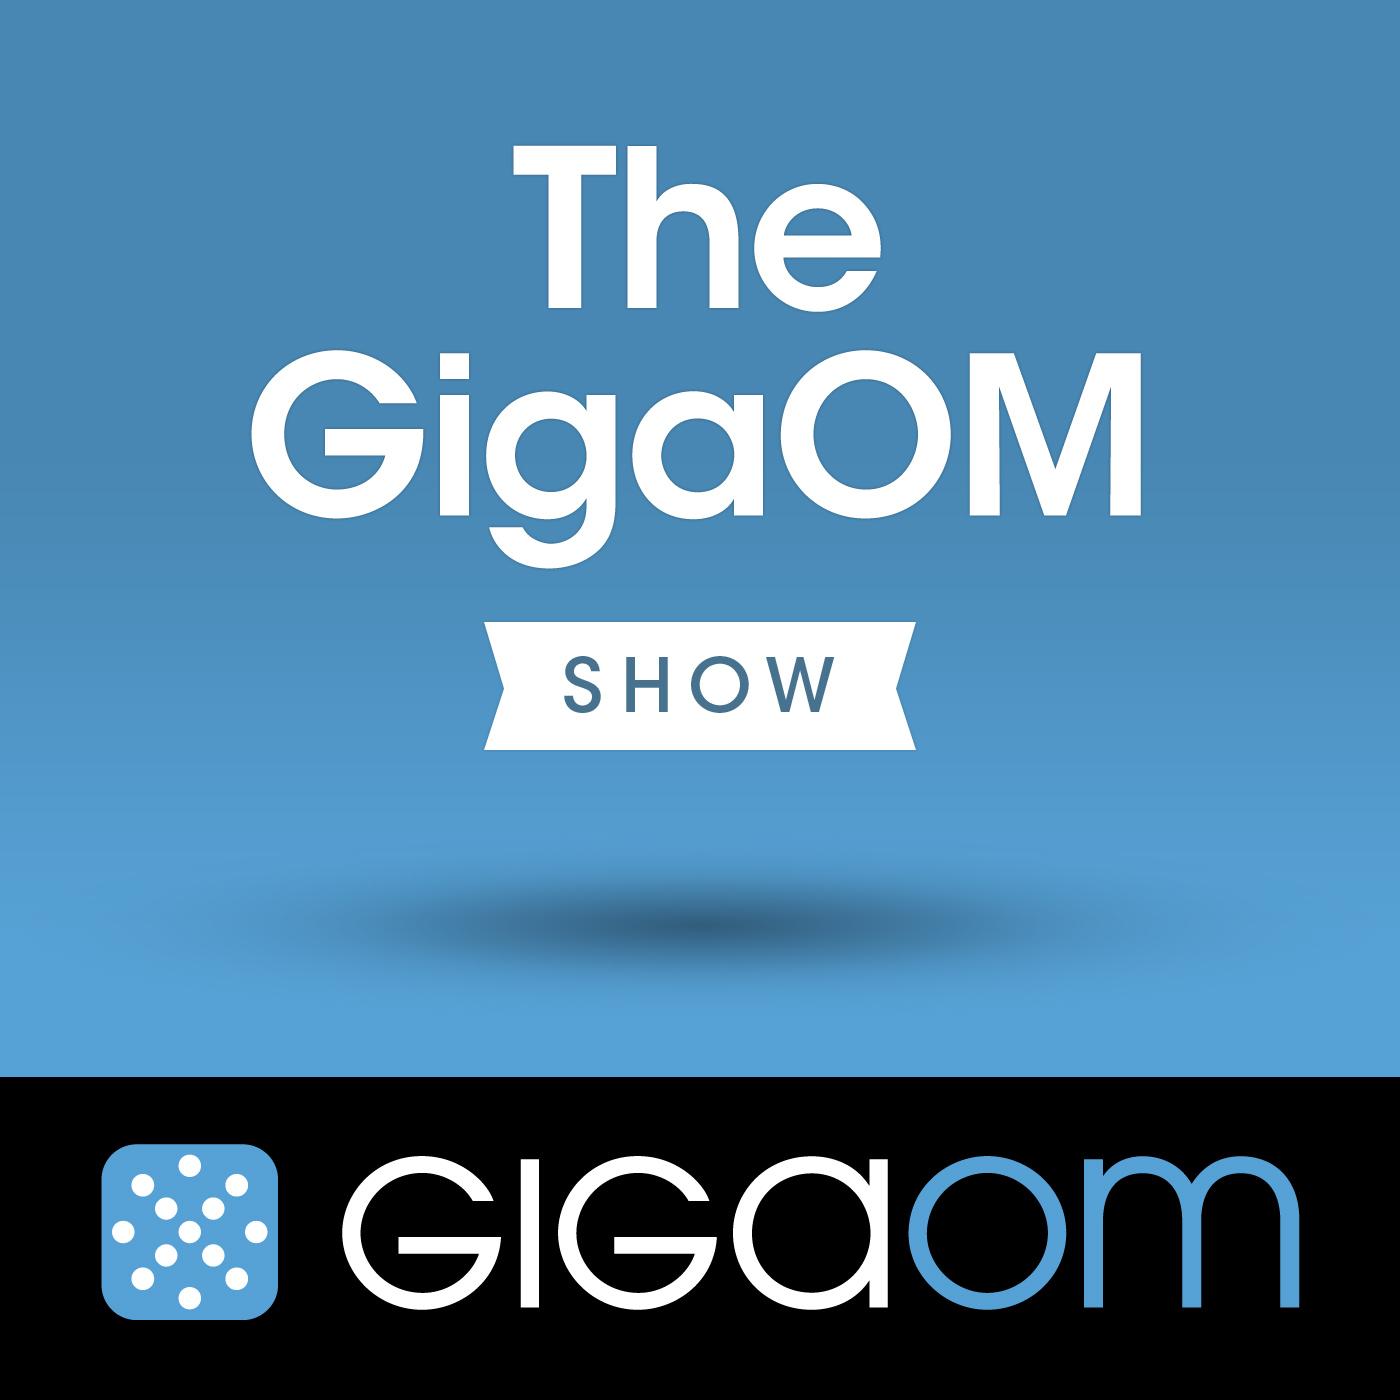 GigaOM-the-gigaom-show_1400x1400